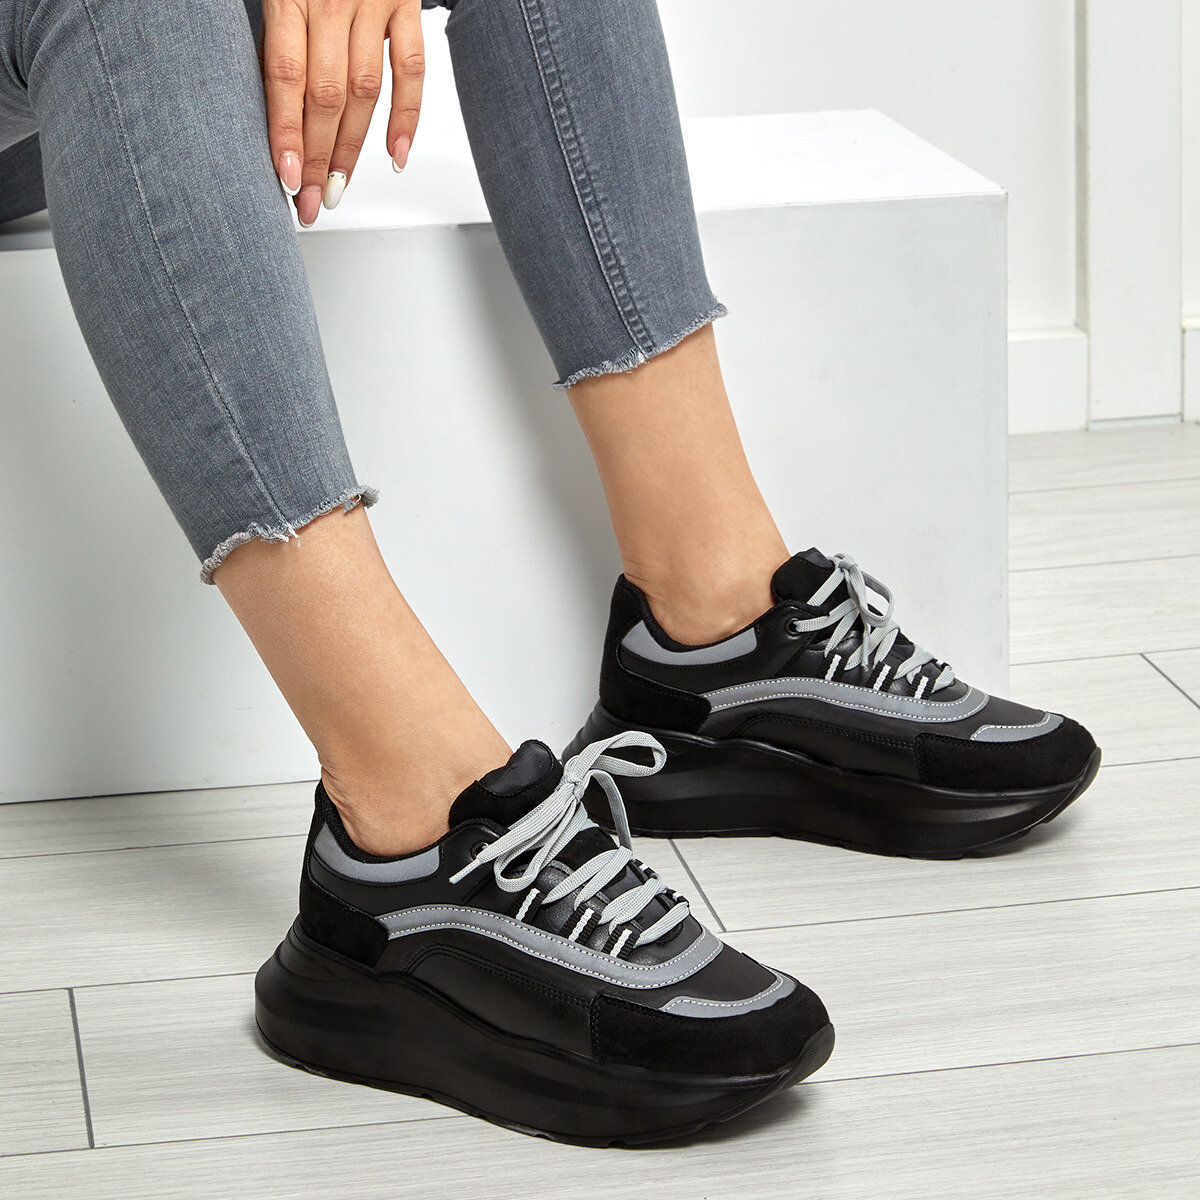 3281.28руб. 57% СКИДКА|FLO/Женские повседневные кроссовки; спортивные кроссовки; сезон весна осень; дышащая женская обувь; женские ботинки на шнуровке; обувь на платформе; женская обувь черного цвета; BUTIGO; 19SF 2058|Женская вулканизированная обувь| |  - AliExpress